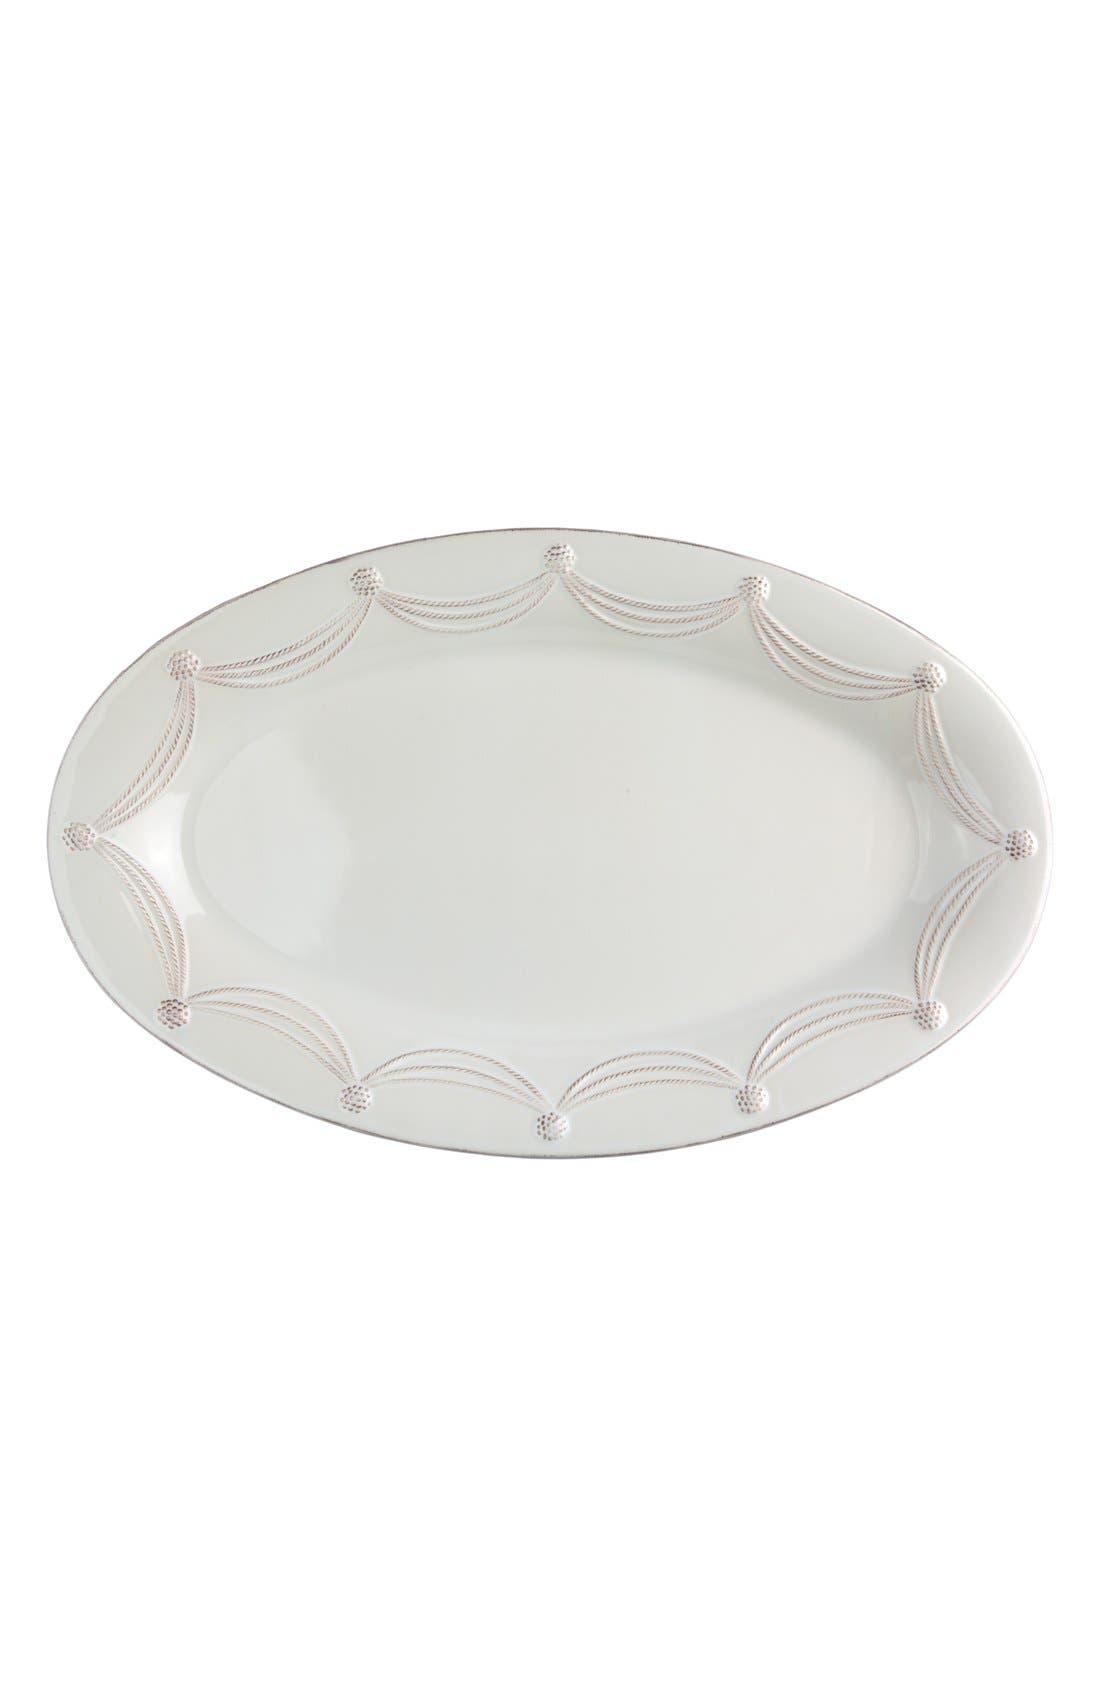 Juliska 'Berry and Thread' Oval Platter